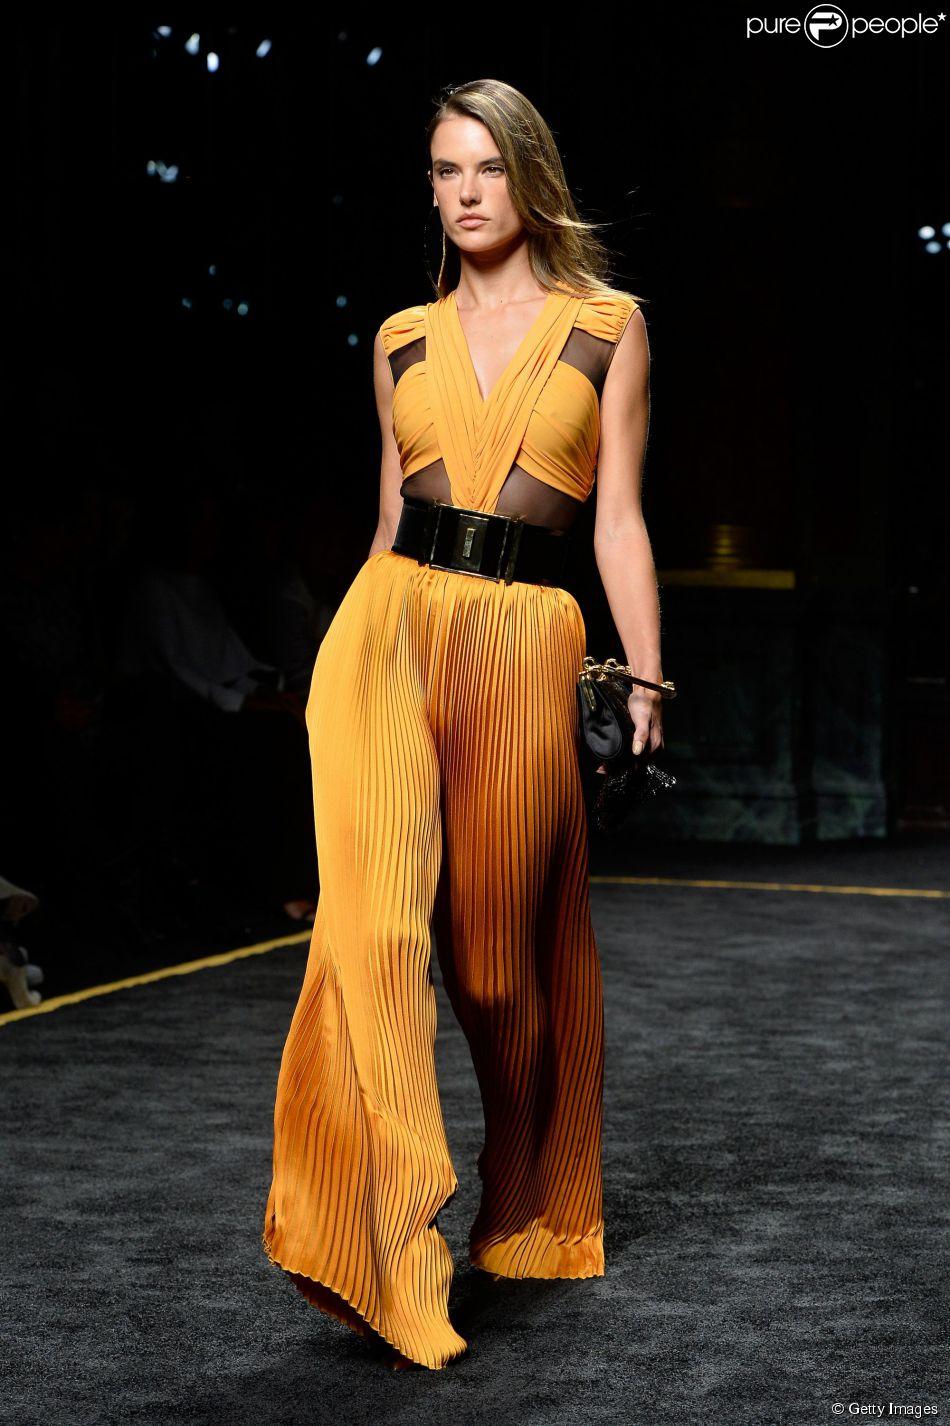 Alessandra Ambrosio esbanja elegância em desfile da B almain Outono/Inverno 2016 na Semana de Moda Feminina de Paris, na França, nesta quinta-feira, 5 de março de 2015